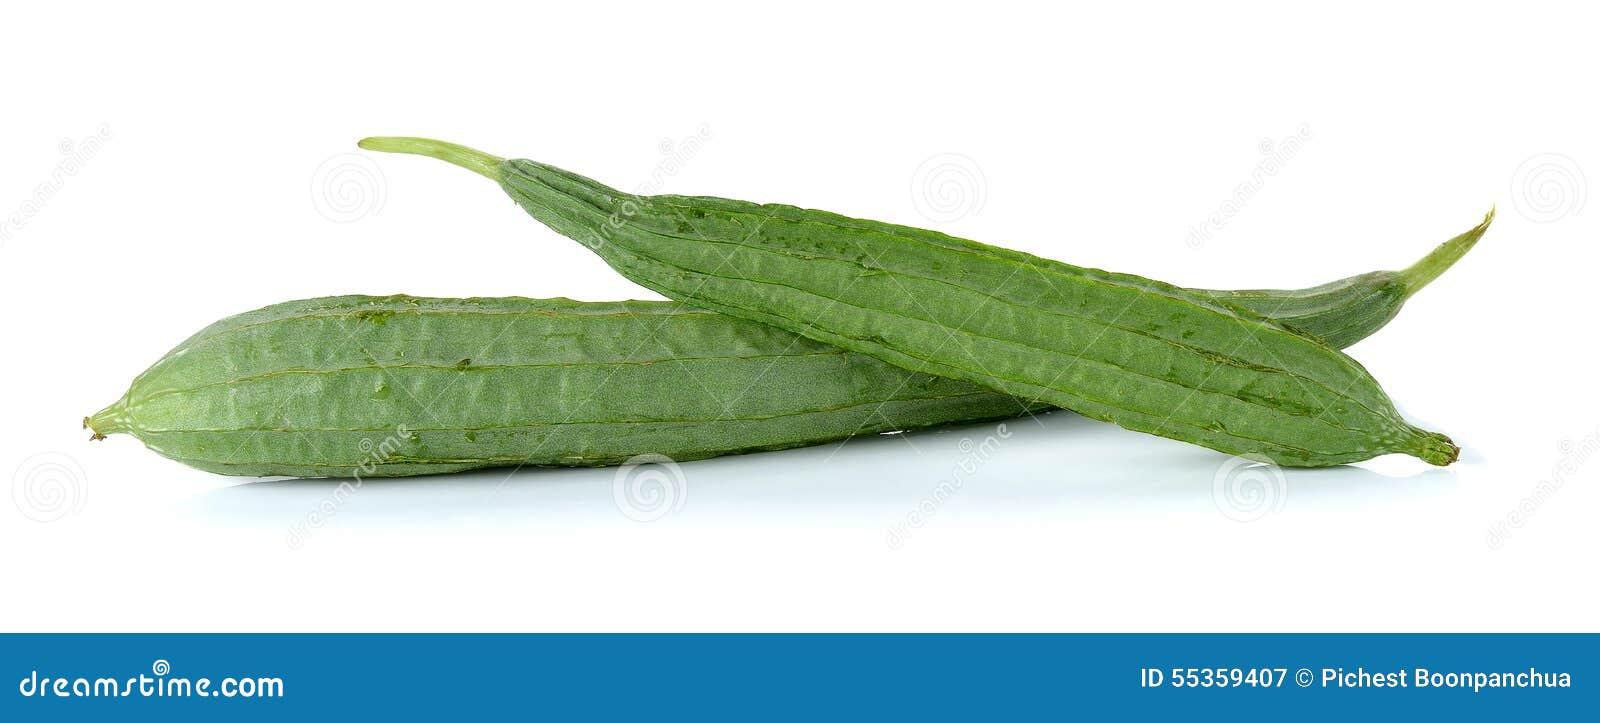 Zucchini isolato sui precedenti bianchi